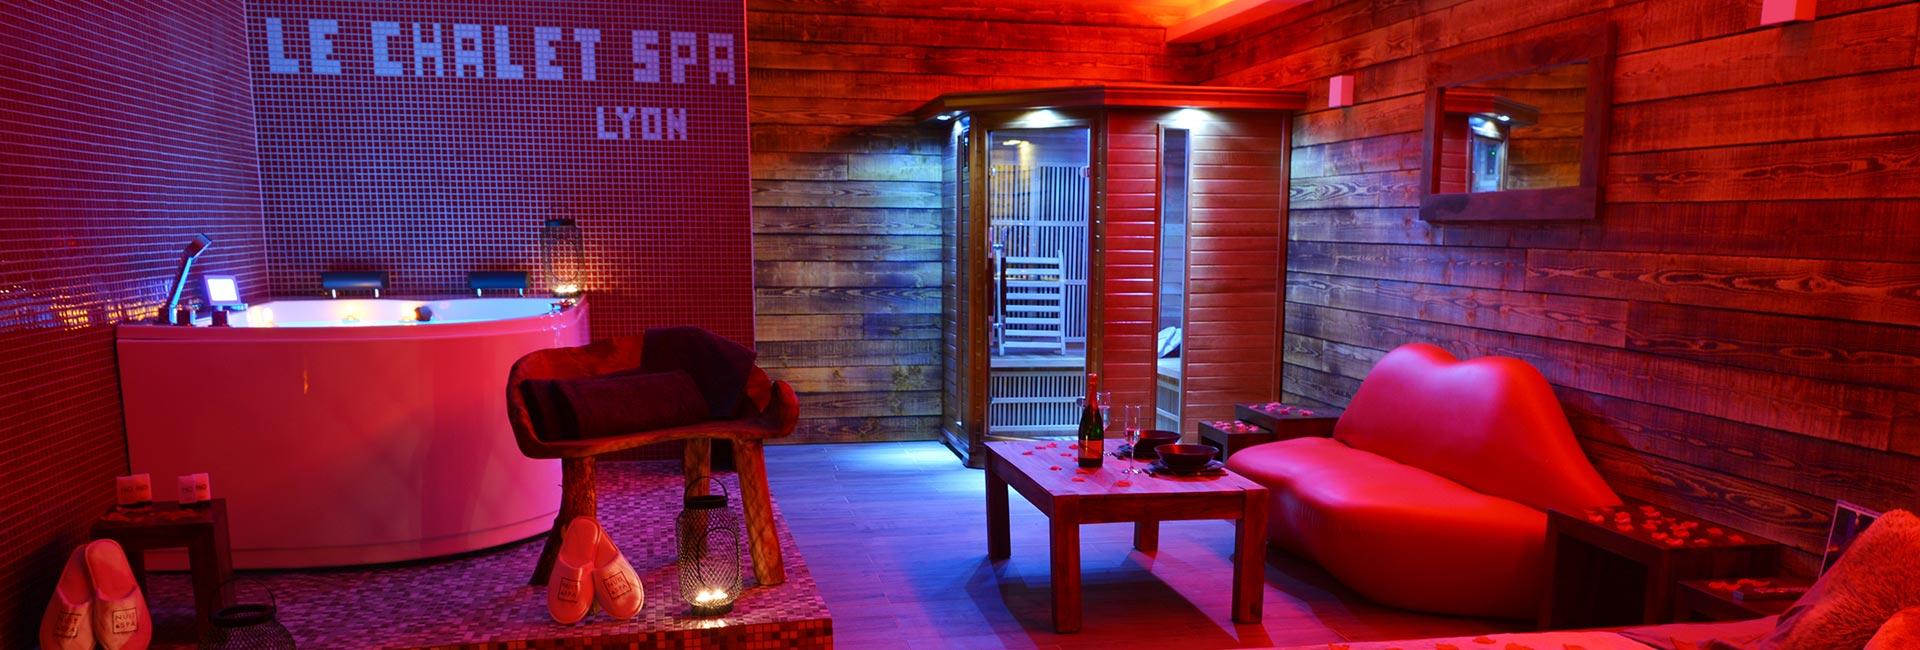 Chambre avec Jacuzzi et Spa privatif Romantique à Lyon - Nuit et Spa